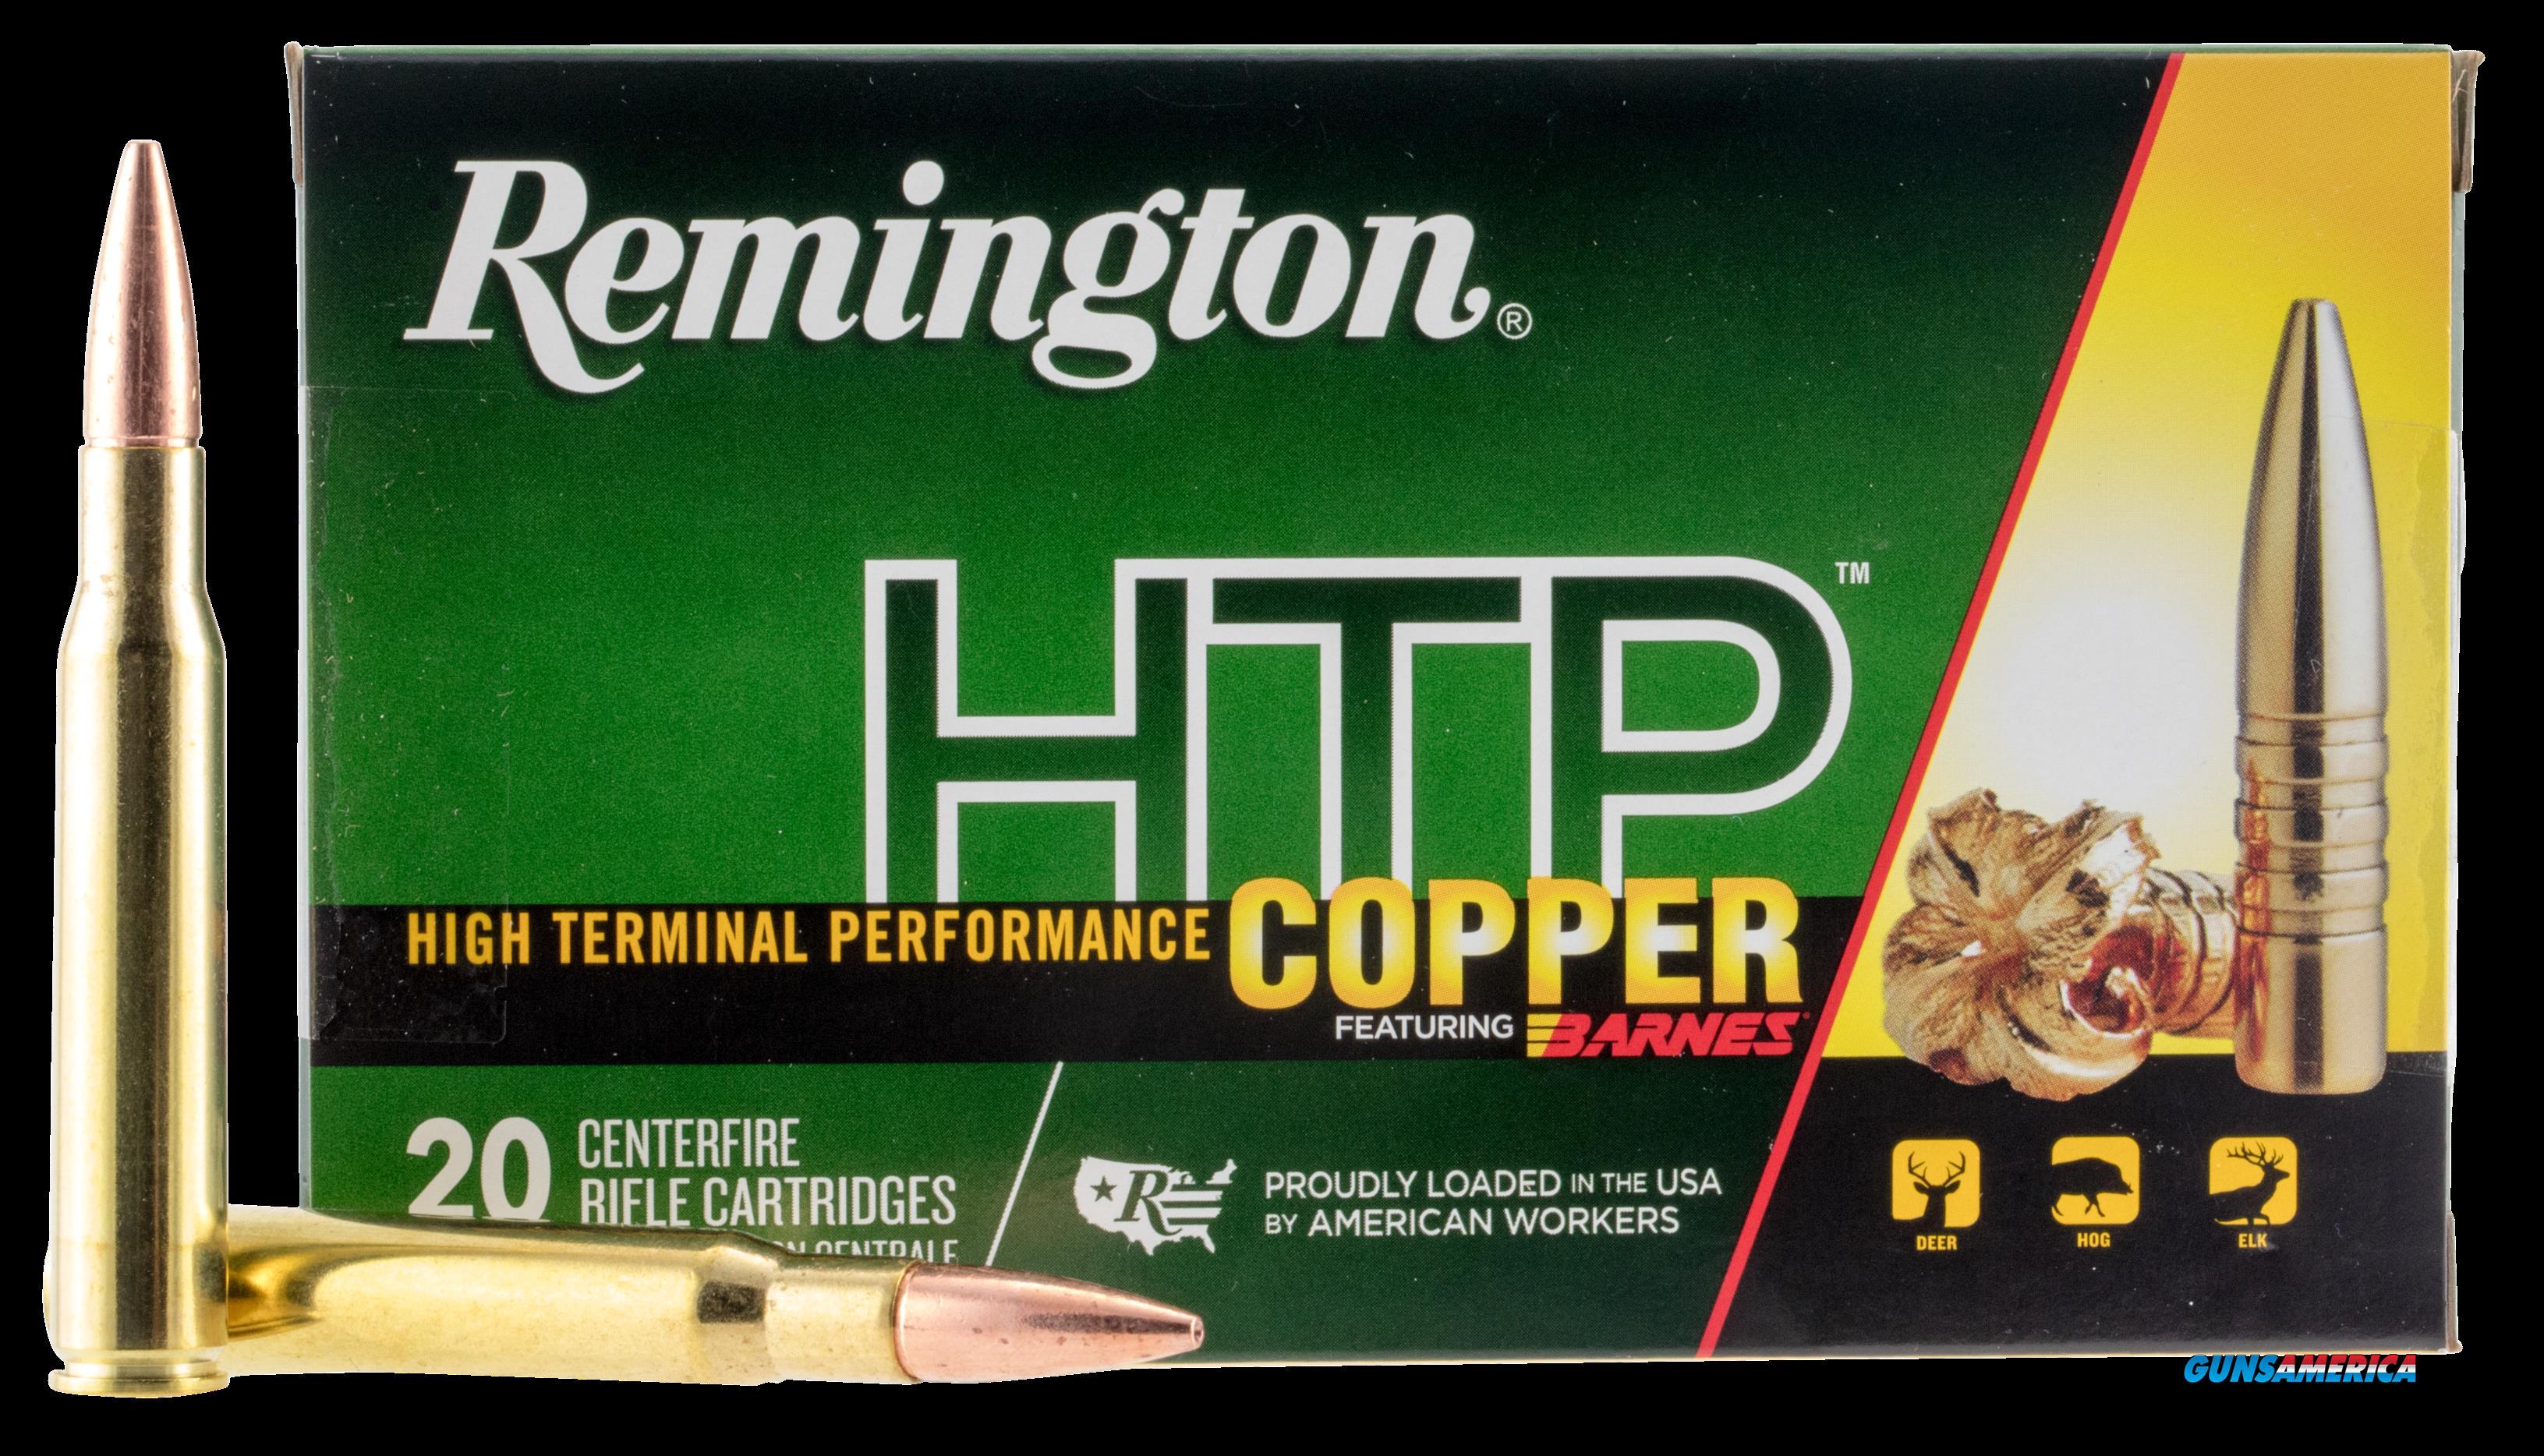 Remington Ammunition Htp Copper, Rem 27707 Htp3006   Htp Cppr  168  Tsxbt  20-10  Guns > Pistols > 1911 Pistol Copies (non-Colt)